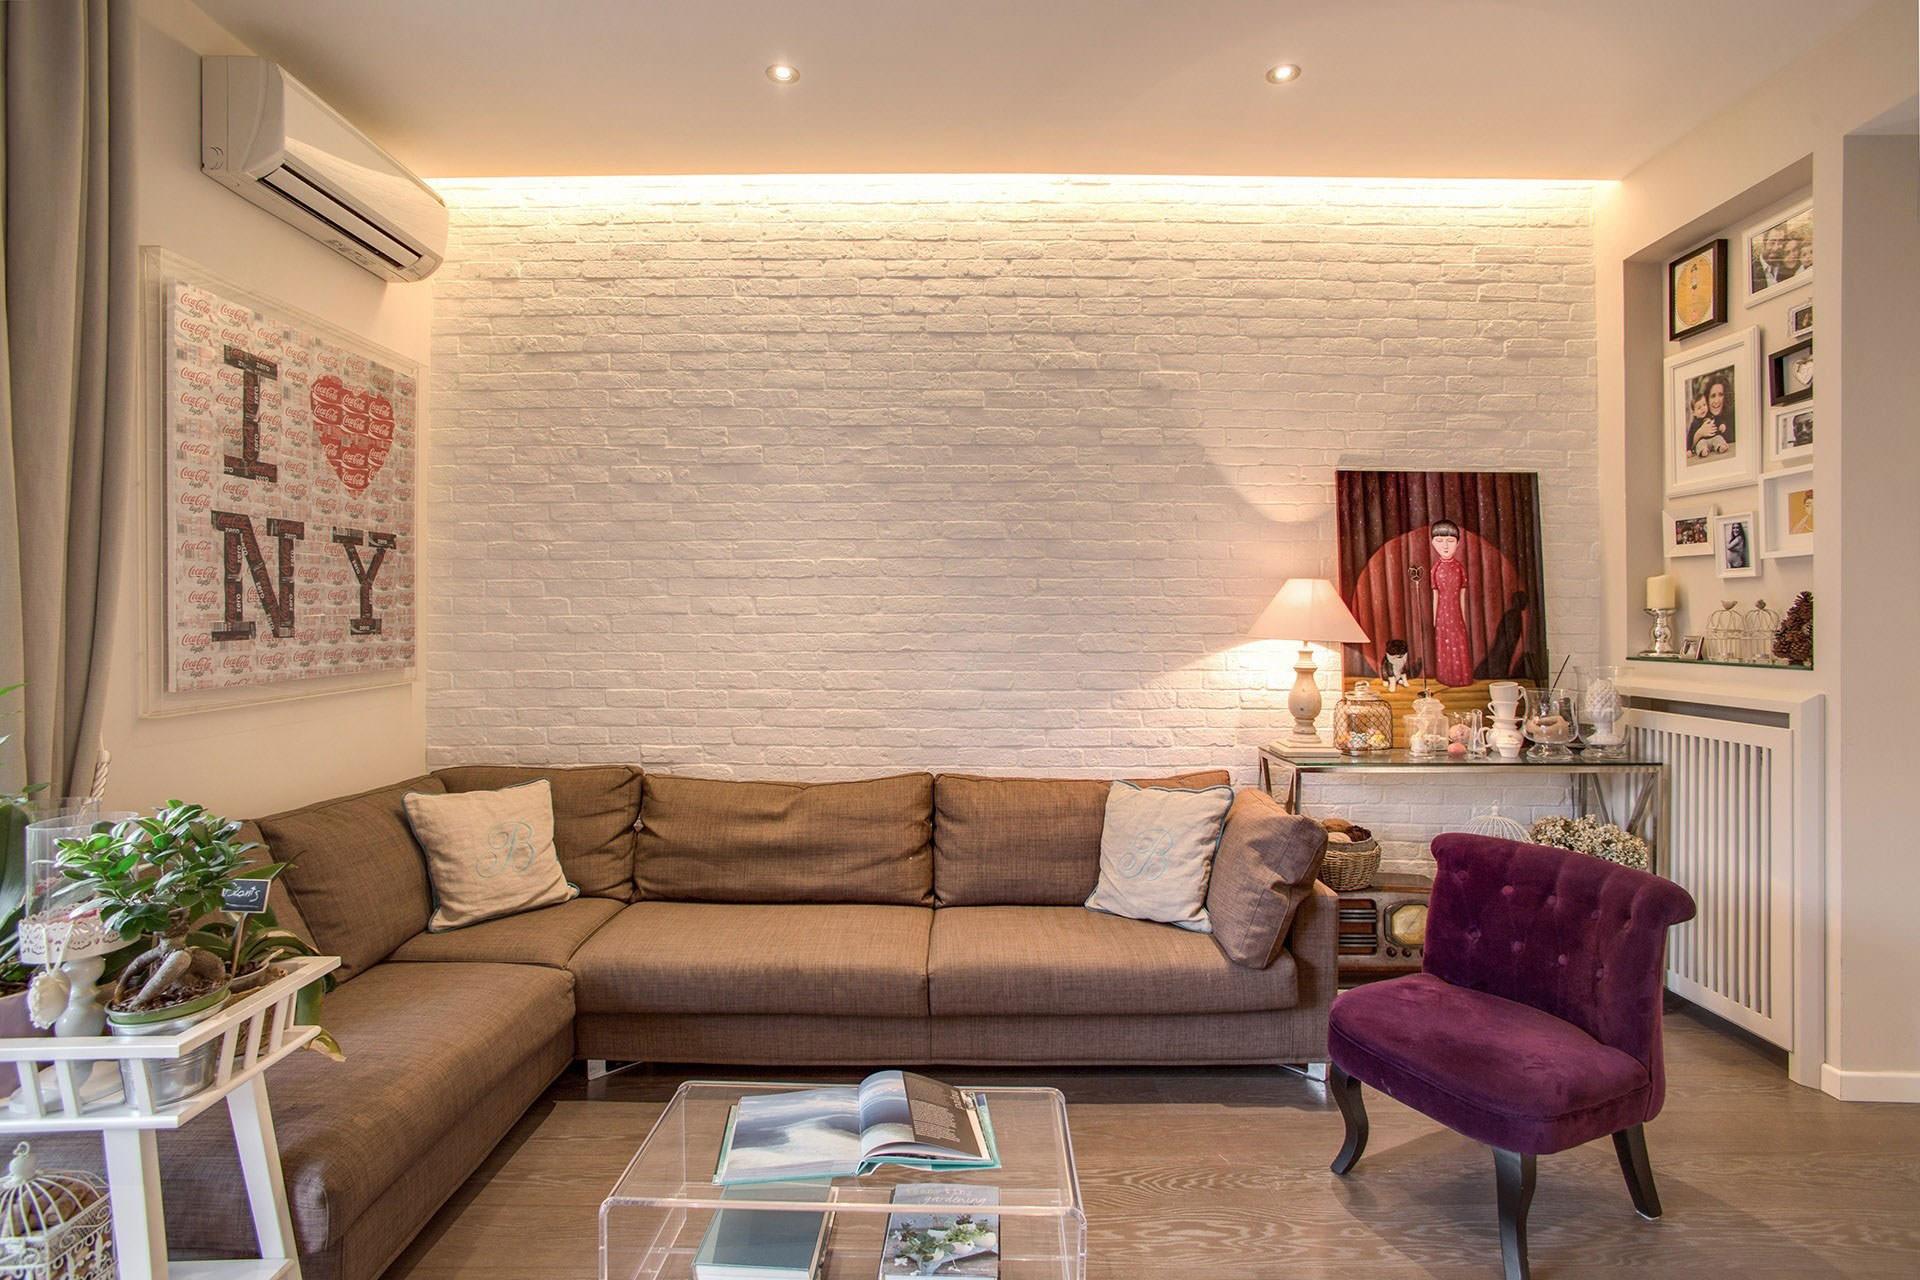 komforten-apartament-sas-sempal-dizain-v-rim-2g